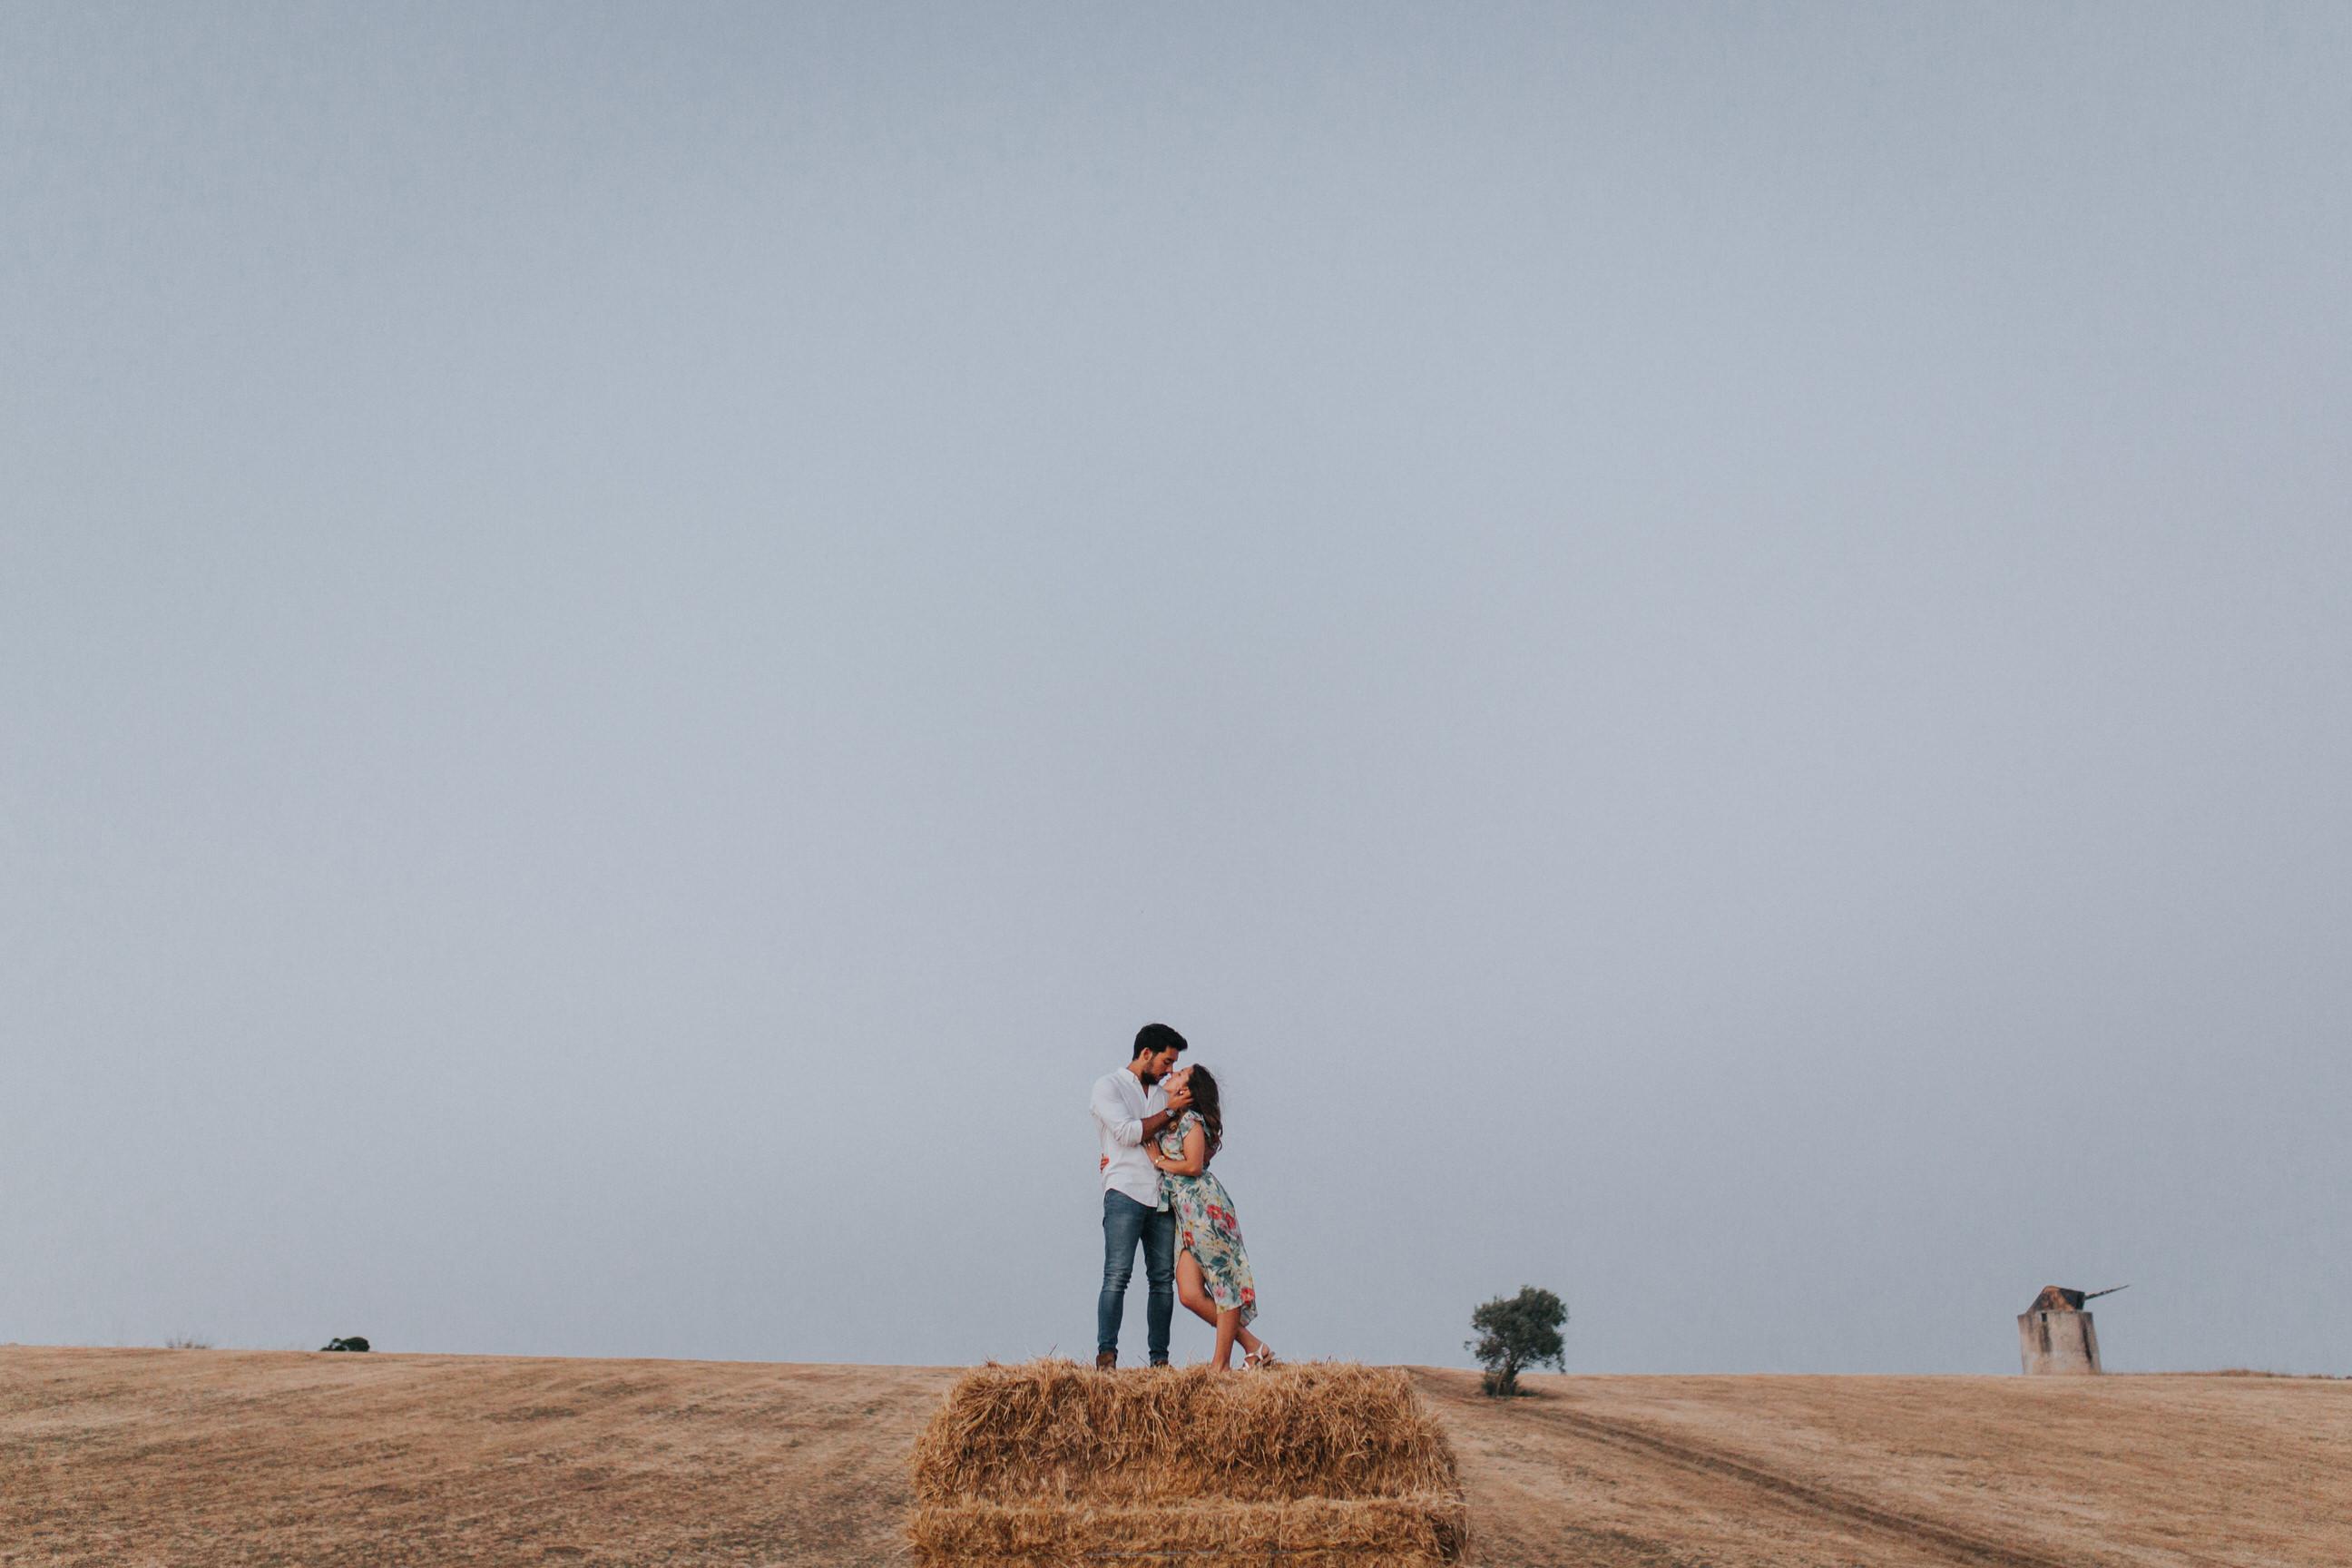 40 Cristiana&André-engagement-love-session-solteiros-noivado-foto-natural-Filipe-Santiago-Fotografia-Lisboa-Sintra-Mafra-Malveira-Torres-Vedras-Fotografos-preços